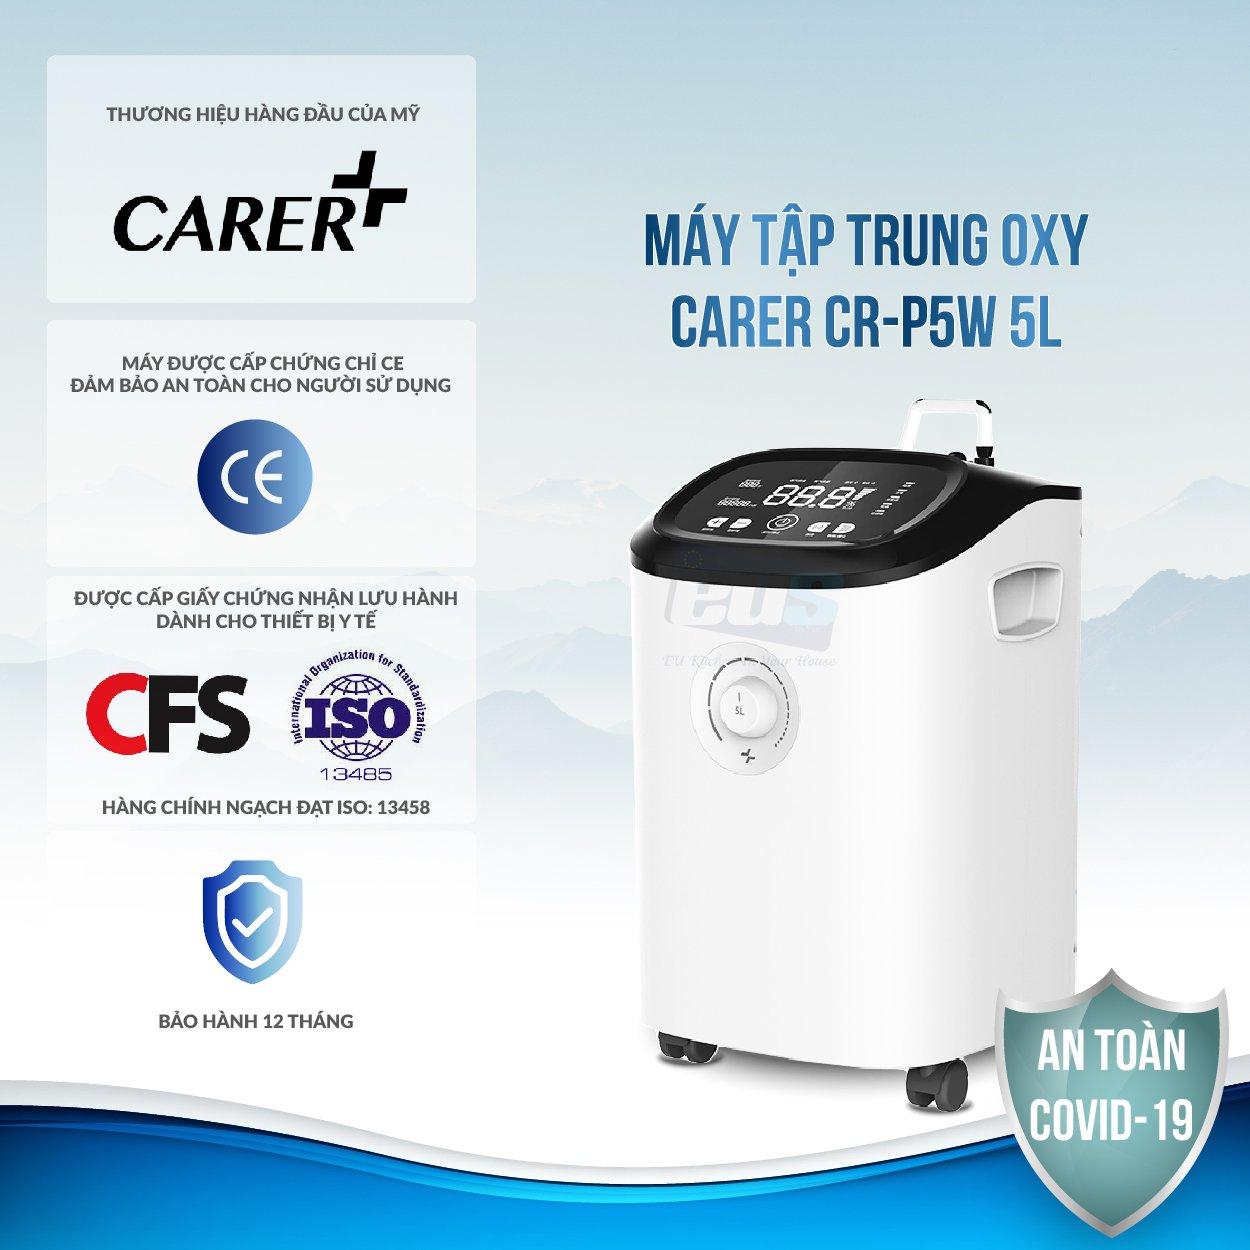 Máy được cấp chứng chỉ CE đảm bảo an toàn cho sức khỏe